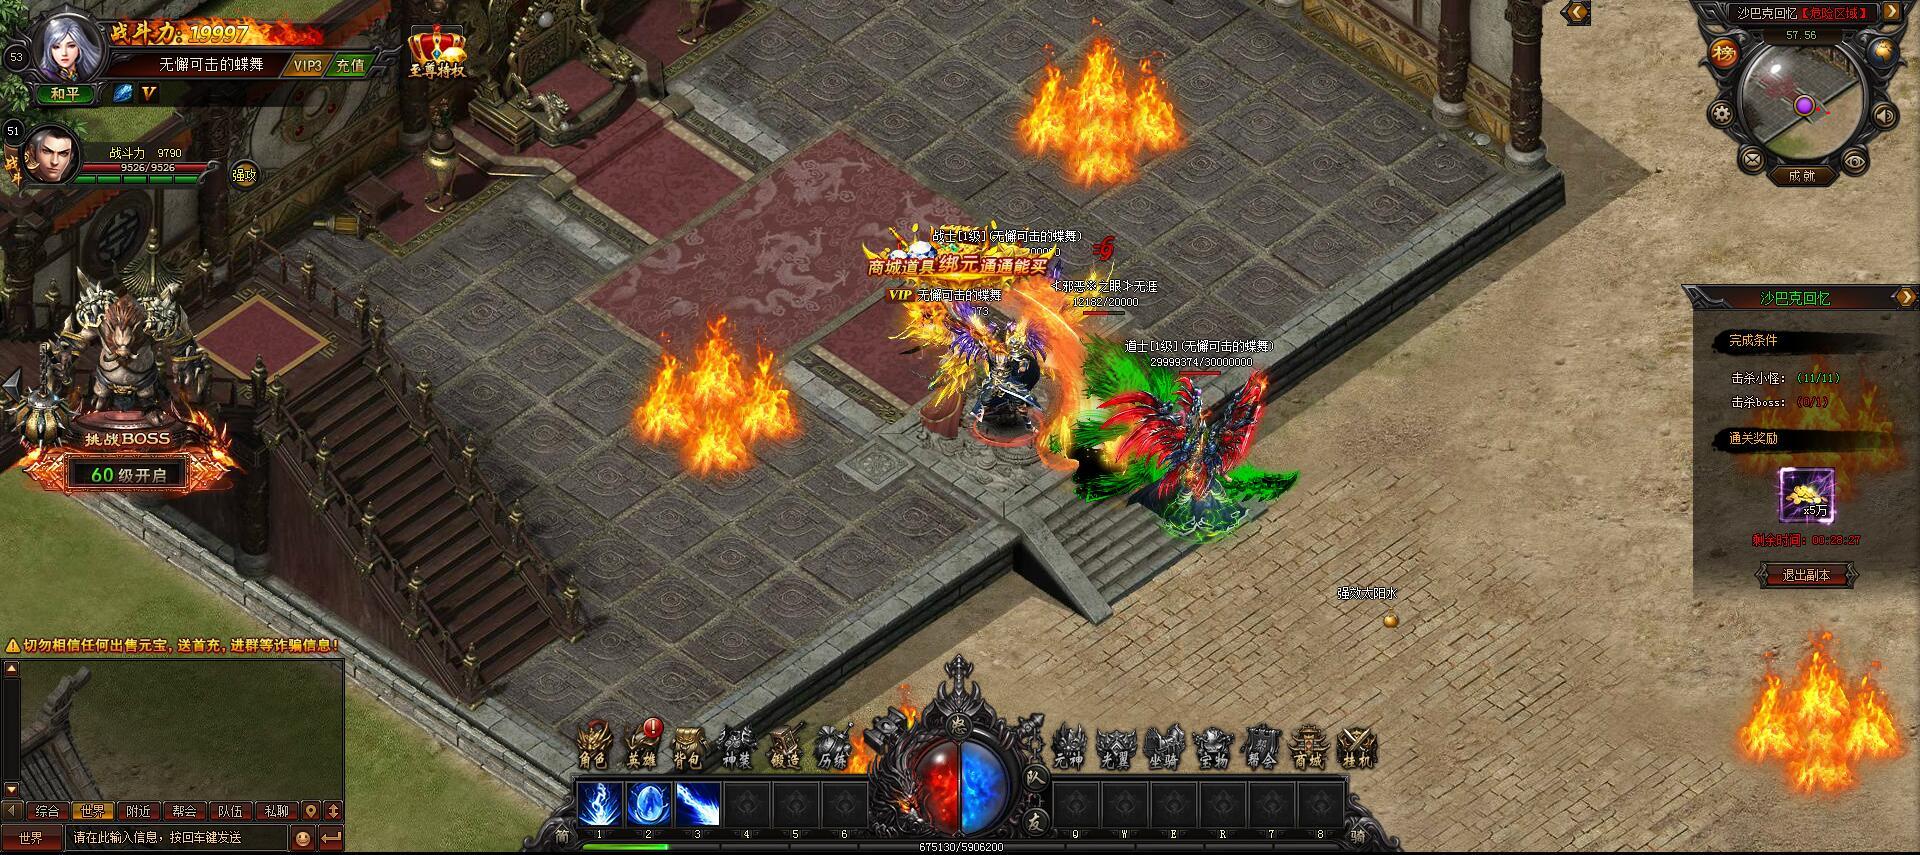 天魔屠龙游戏截图3